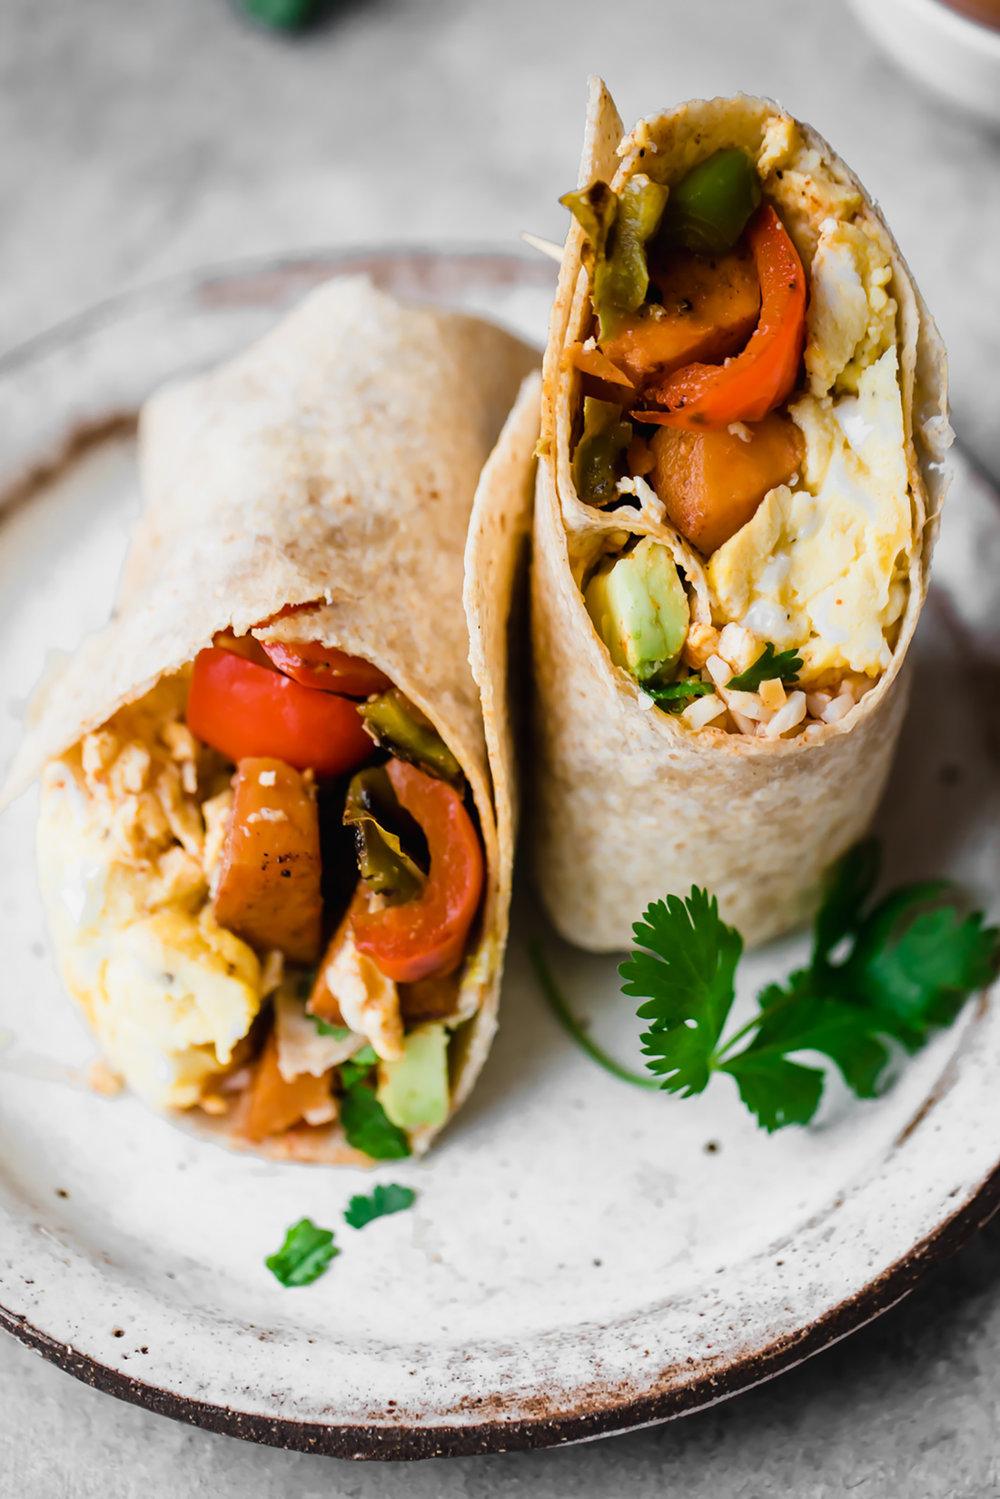 Credits:https://www.ambitiouskitchen.com/veggie-freezer-friendly-breakfast-burritos/